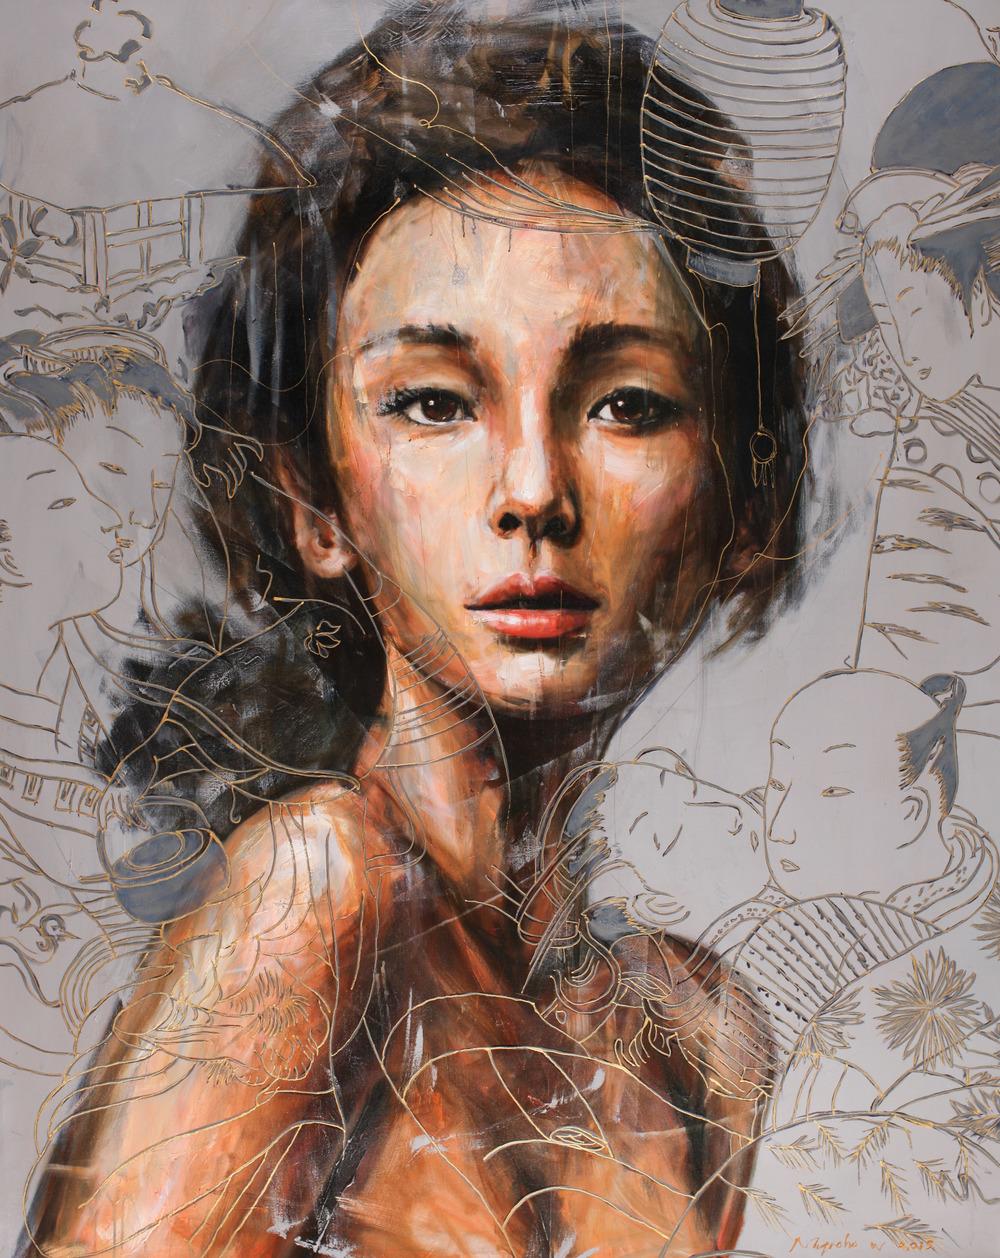 Nugroho WIJAYATMO, Oriental #6 , 2015, Acrylic on canvas, 150 x 120 cm